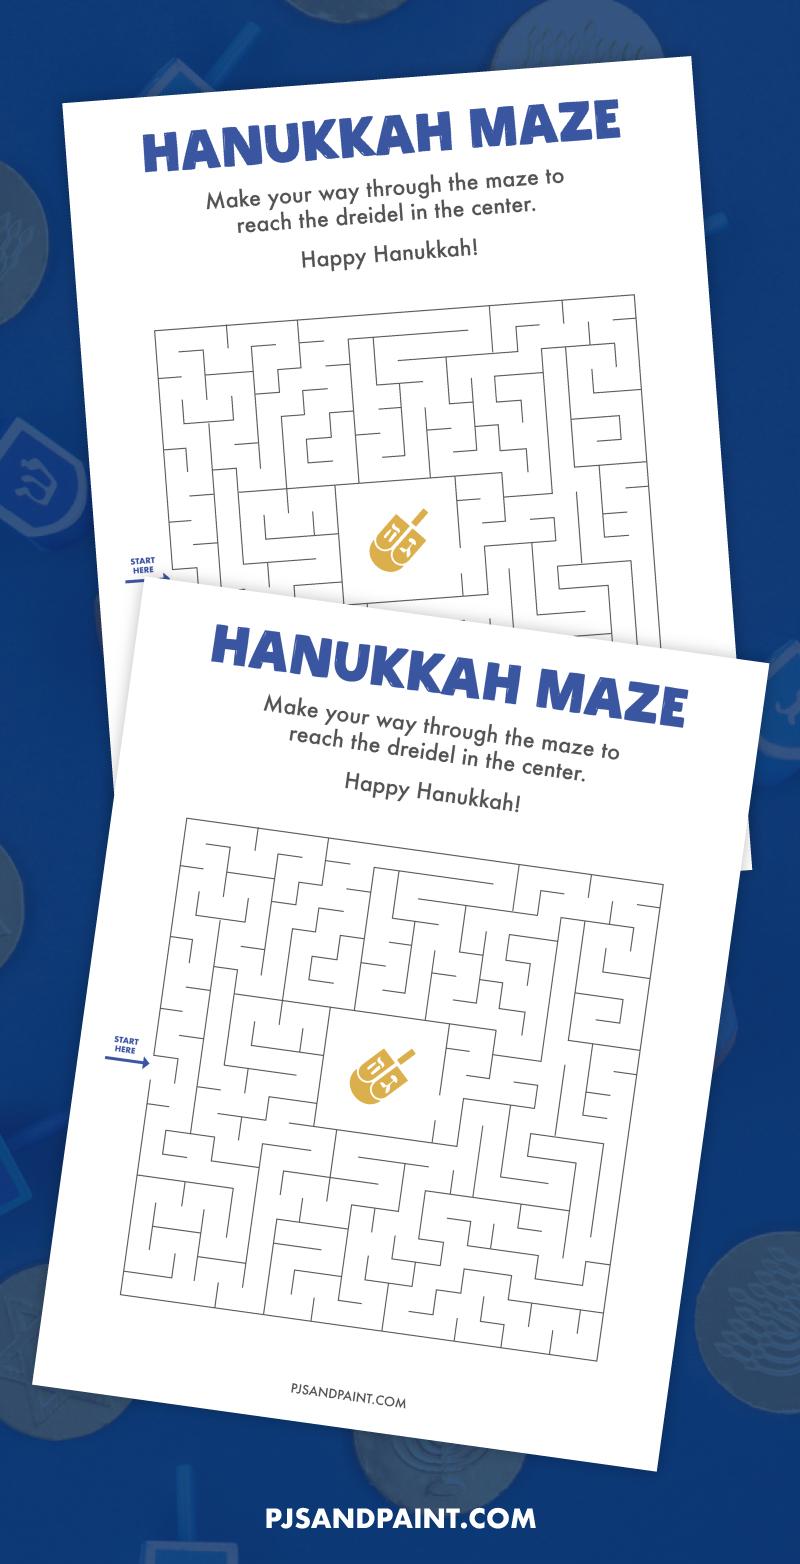 hanukkah maze 2